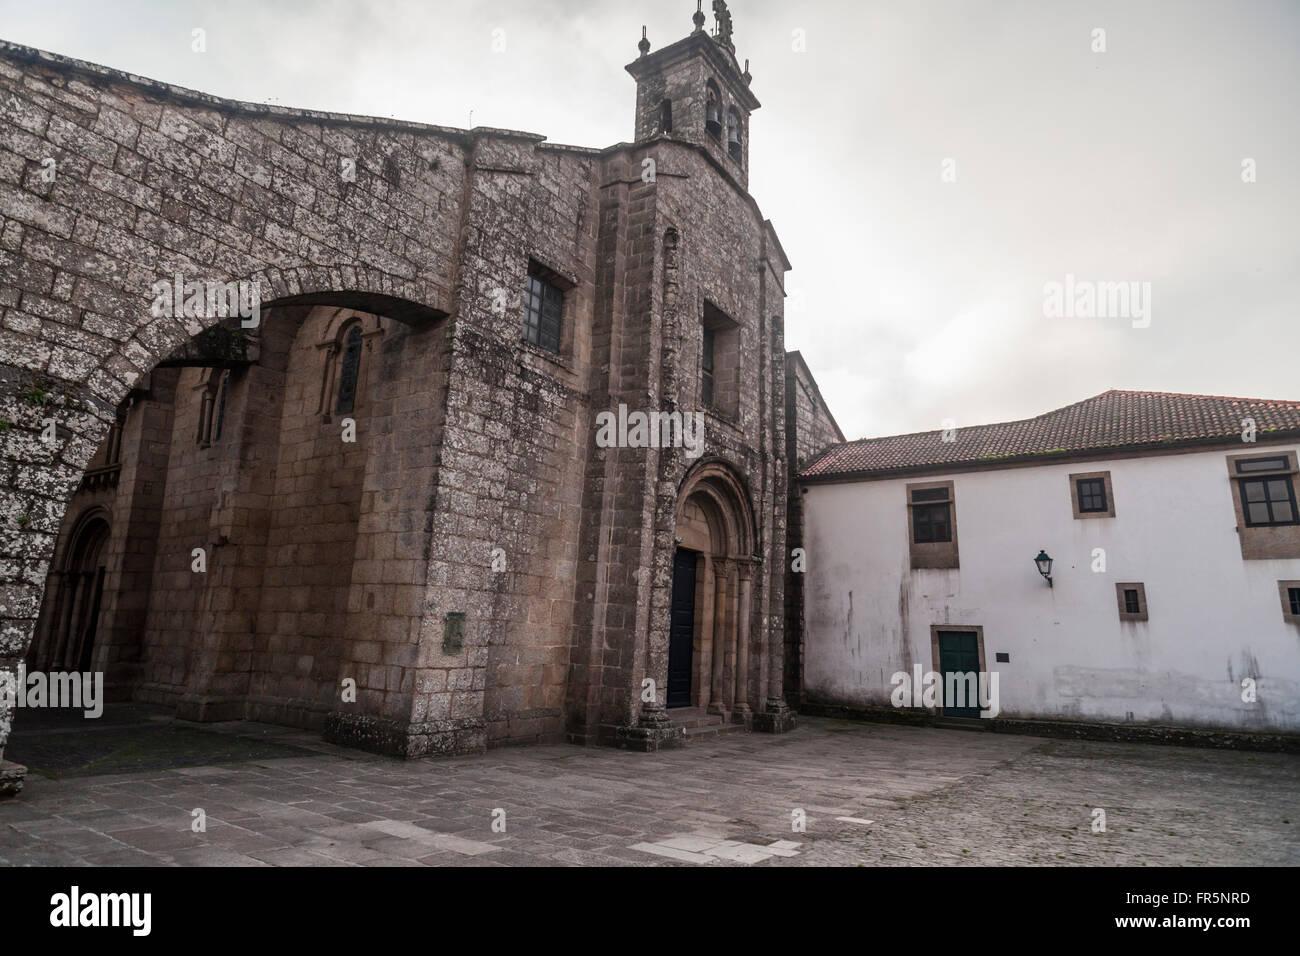 Colegiata Santa María a Real do Sar. Romanesque style century XII. Santiago de Compostela. Stock Photo